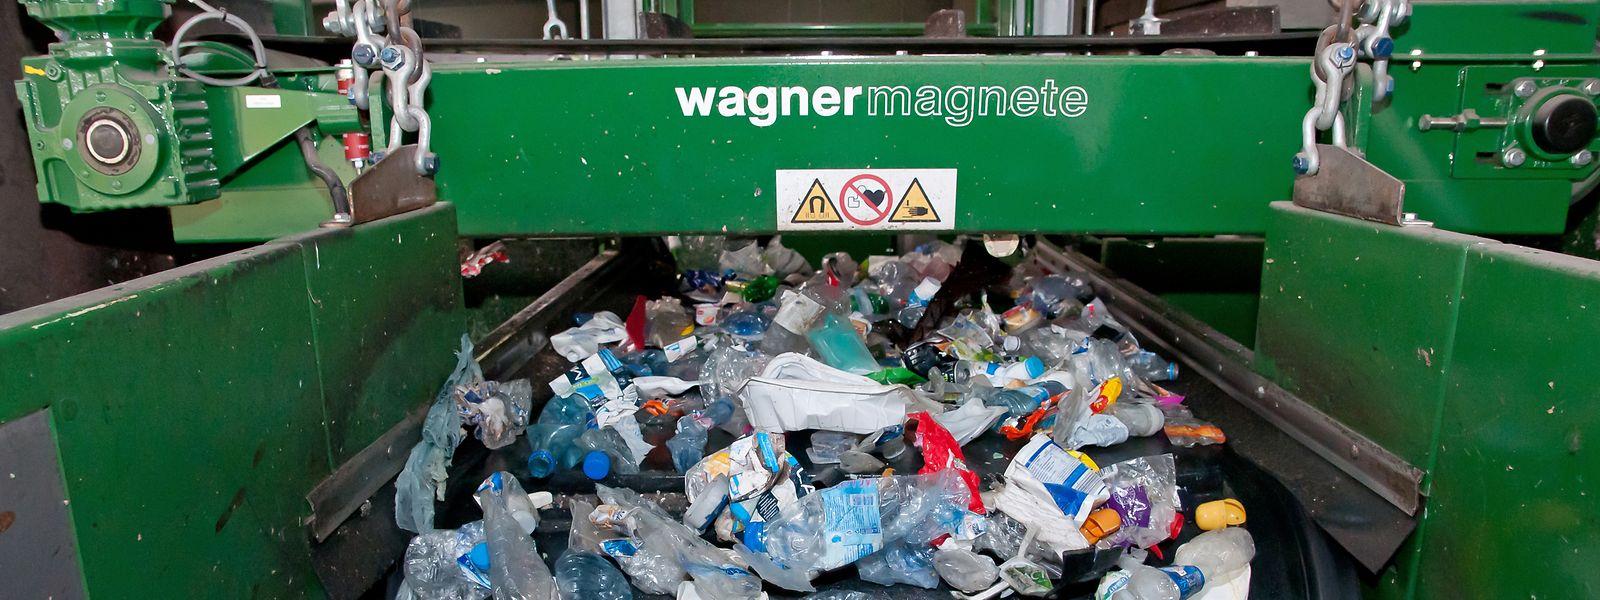 L'année dernière, 9.209 tonnes de déchets d'emballages ont été collectées au Luxembourg via les sacs bleus.